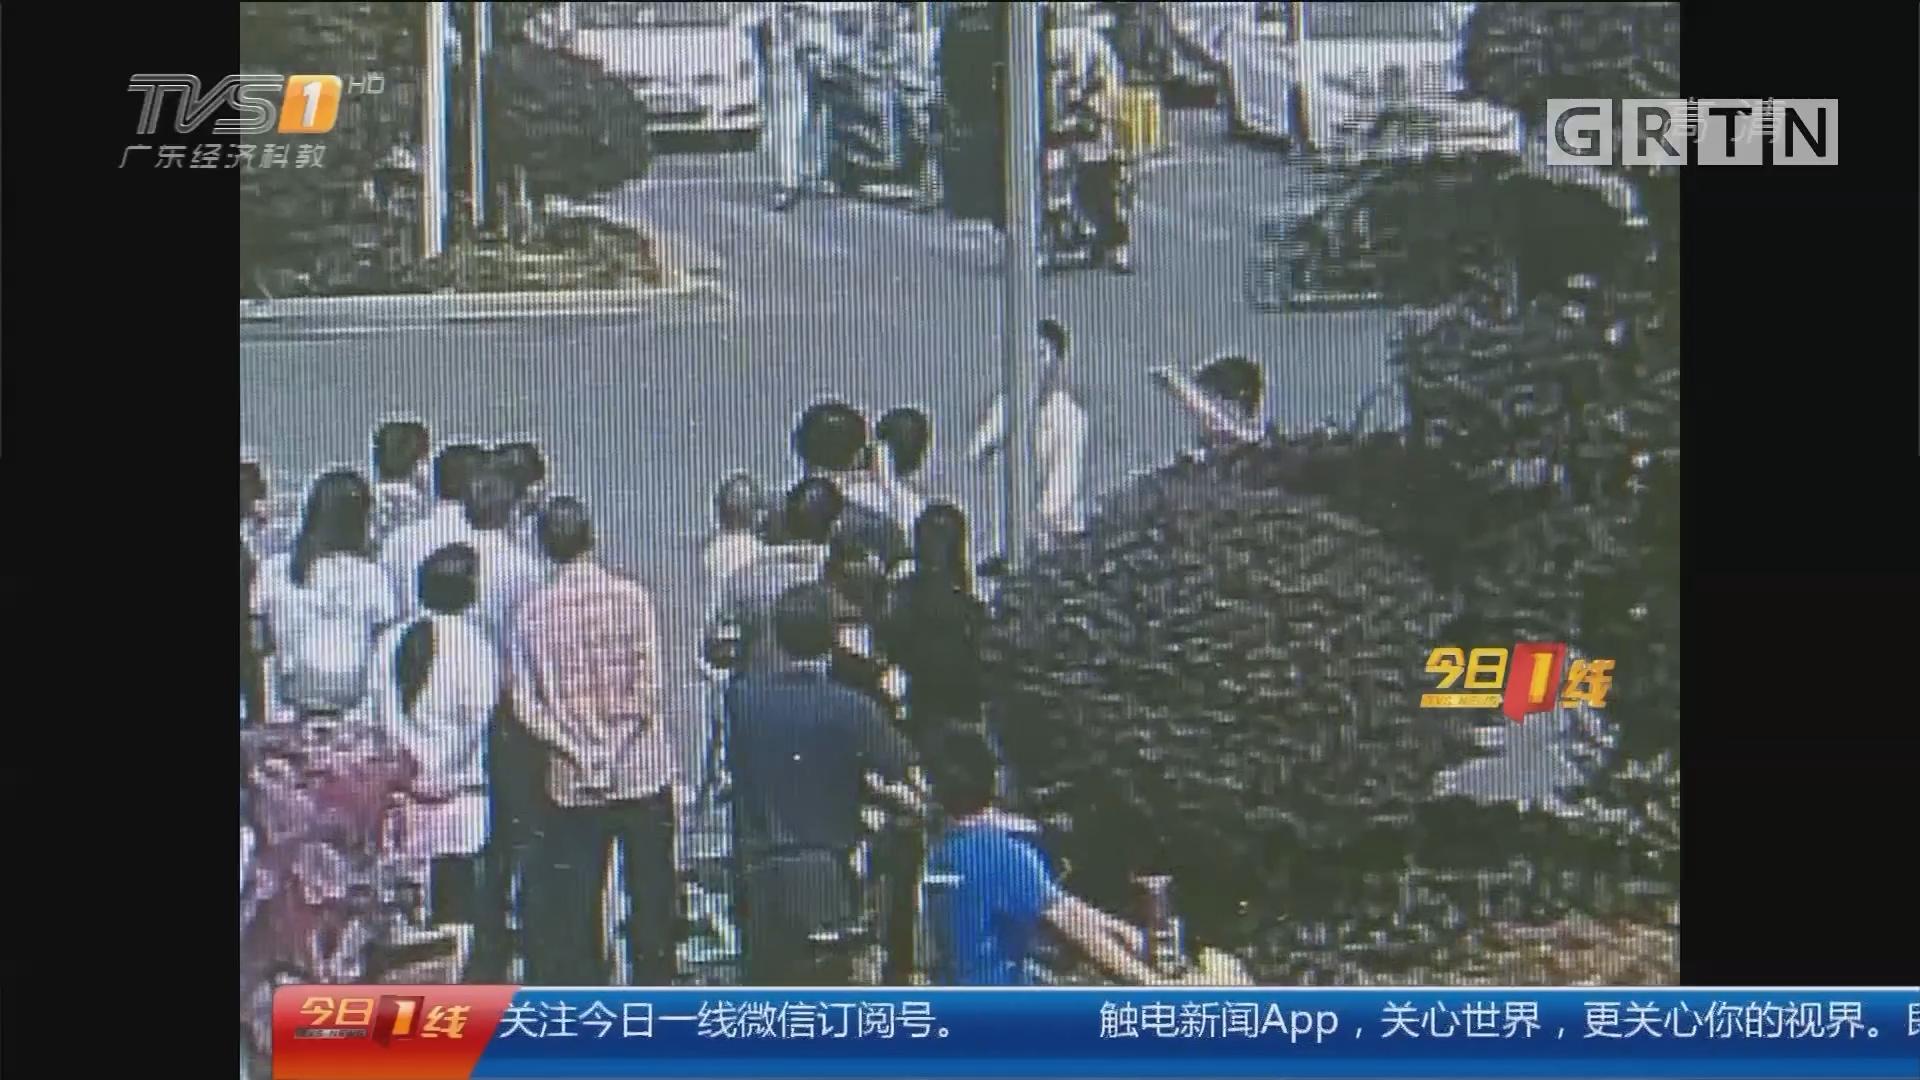 深圳:路遇查车 逃跑不成追打警察被刑拘